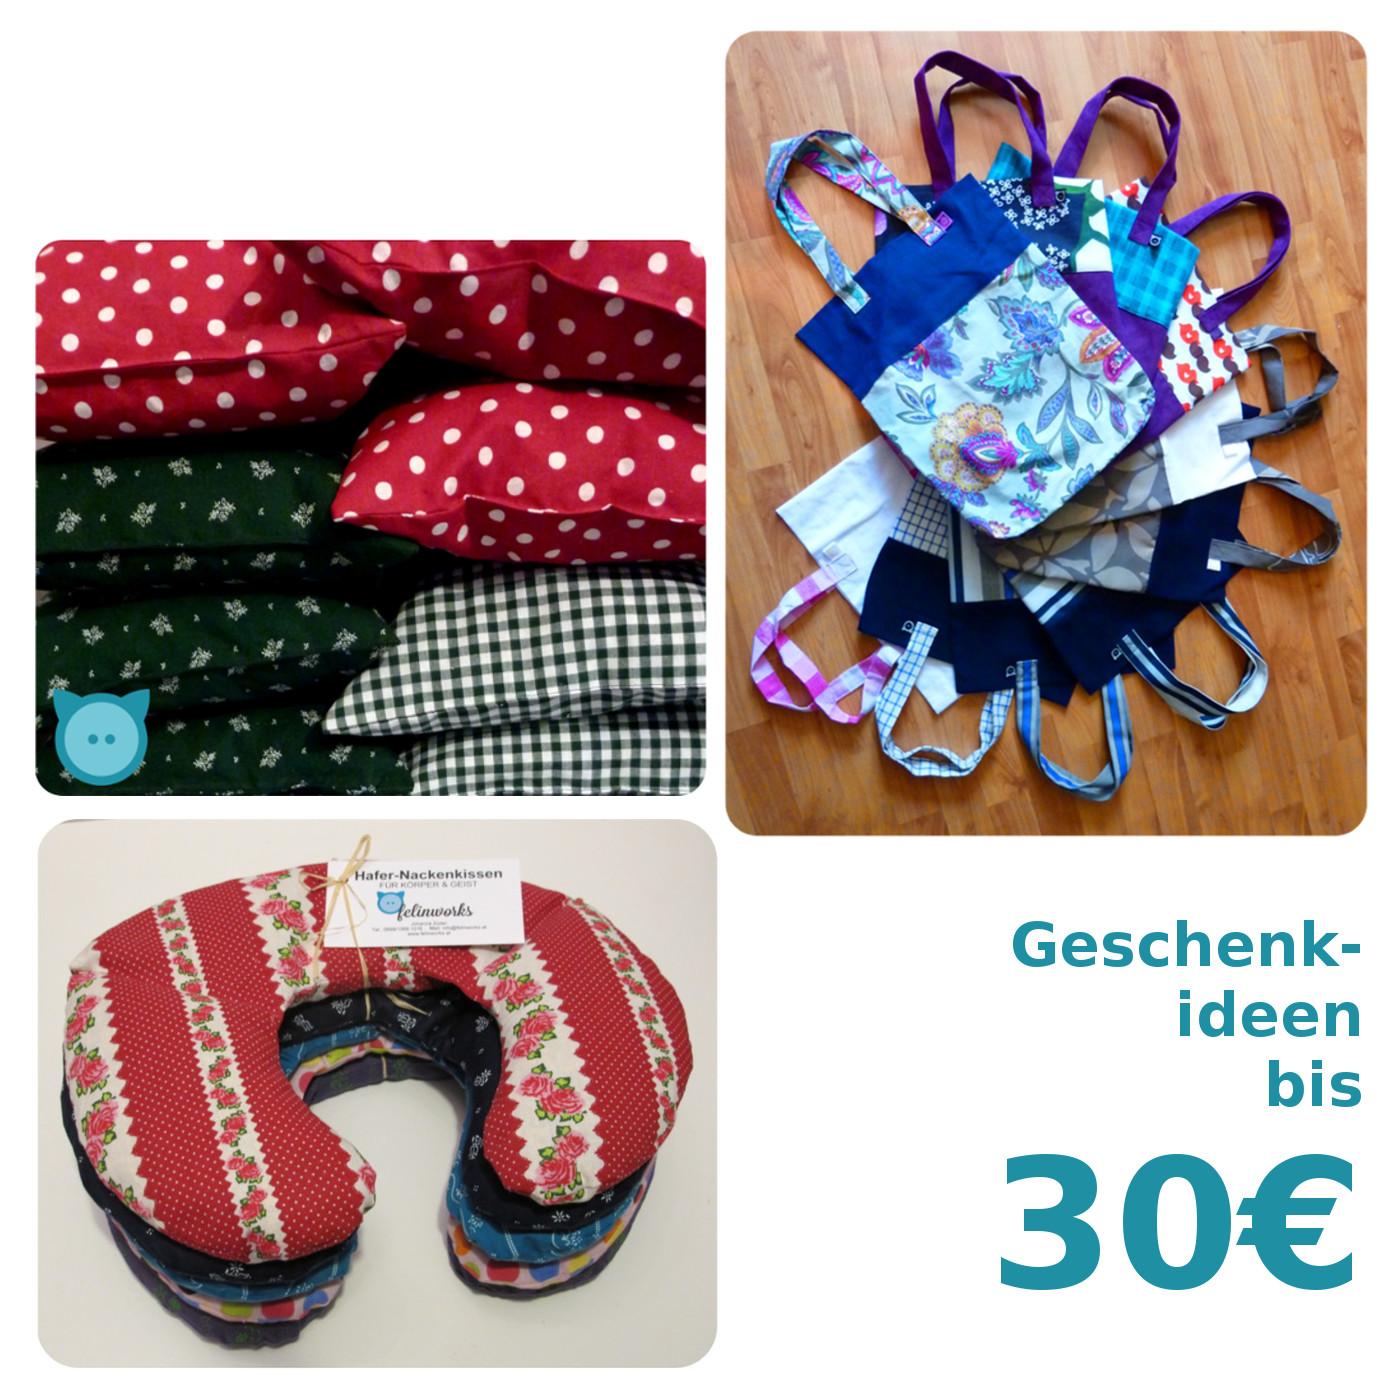 Bis 30€: Zirbenkissen groß, Hafernackenkissen, Tasche 'Uno'